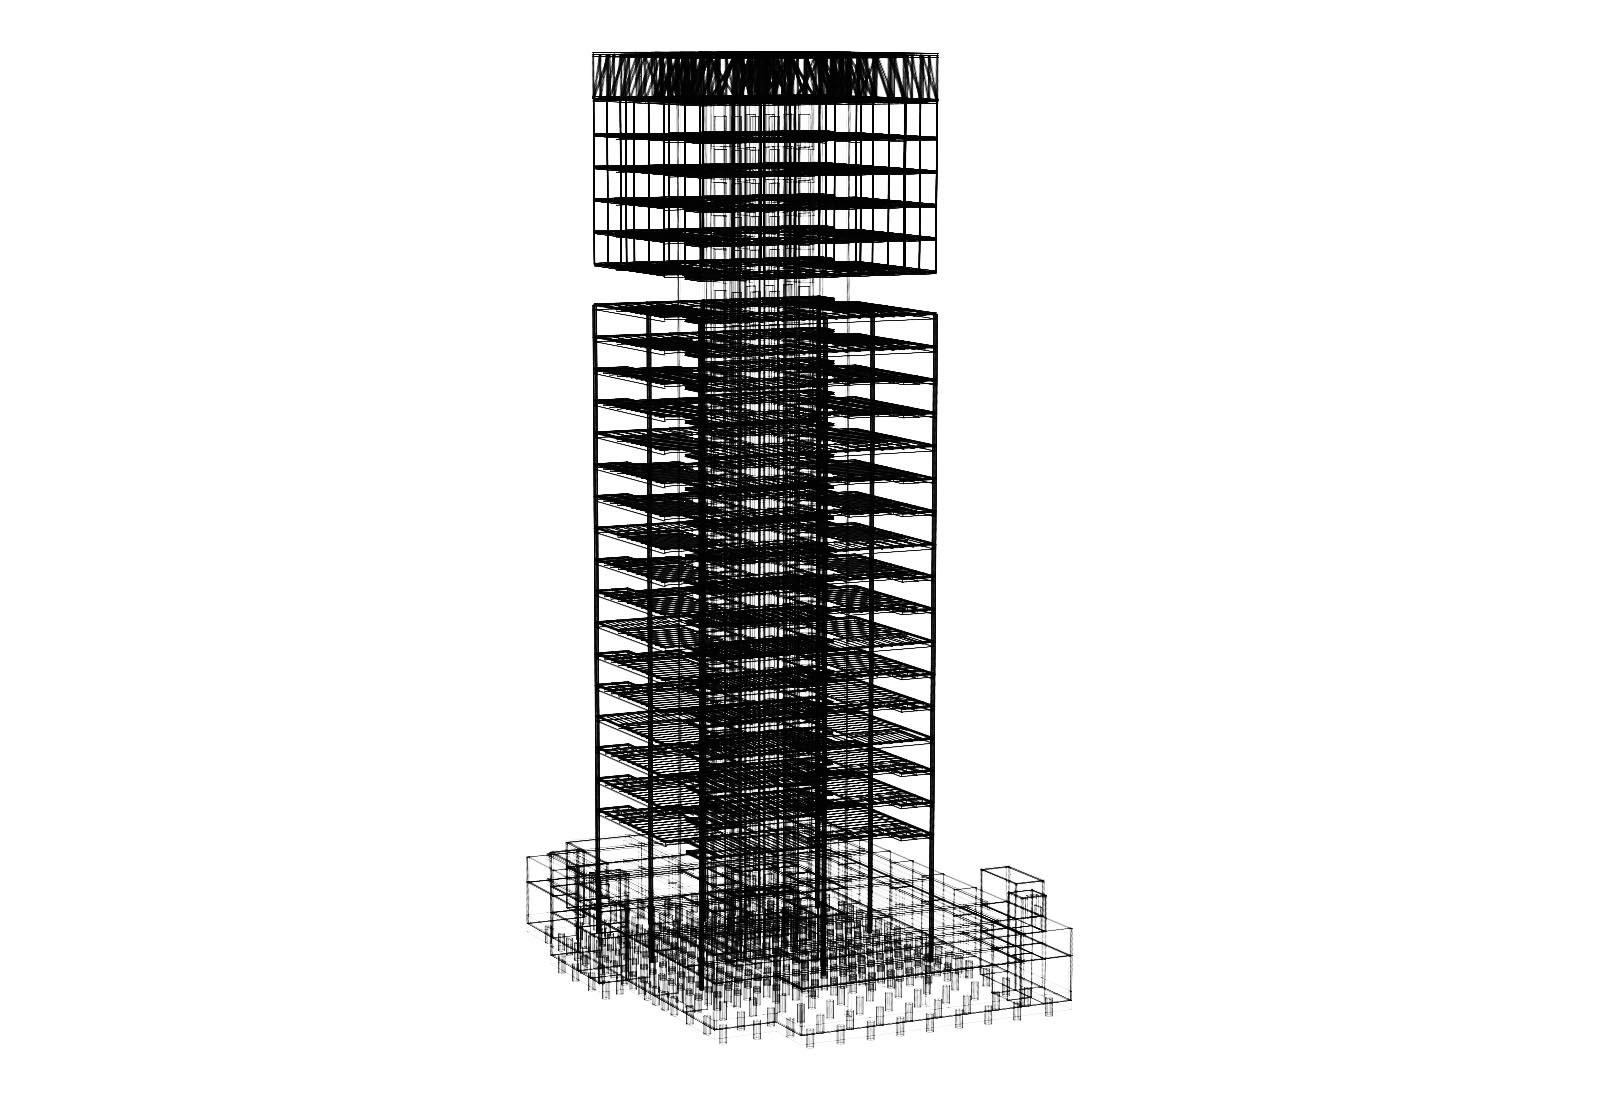 Edificio a torre dell'Università Bocconi a Milano - Modello 3D delle strutture